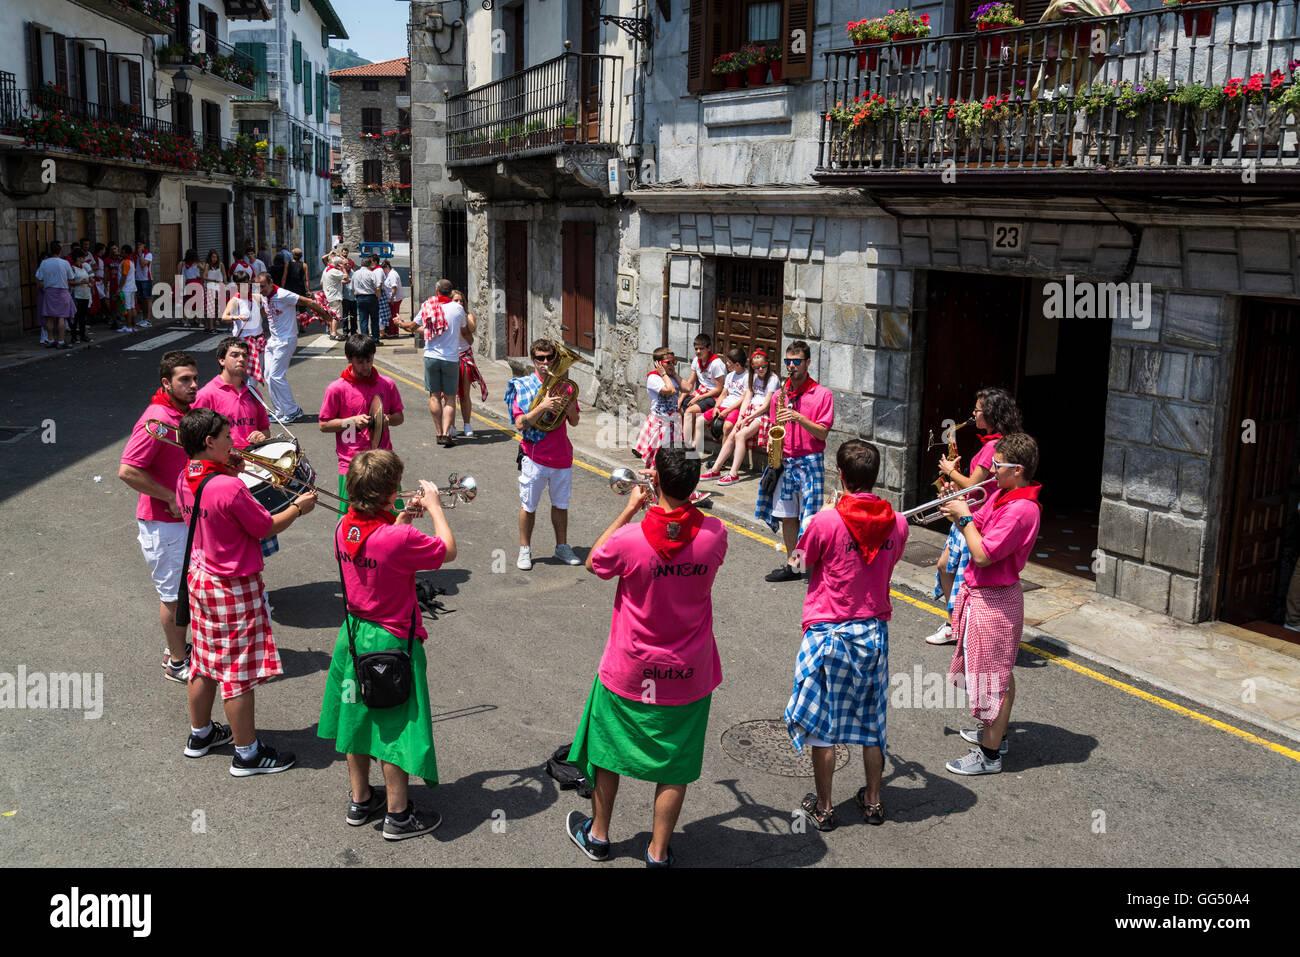 Las celebraciones tradicionales en la calle, Lesaka, Navarra, Norte de España Imagen De Stock